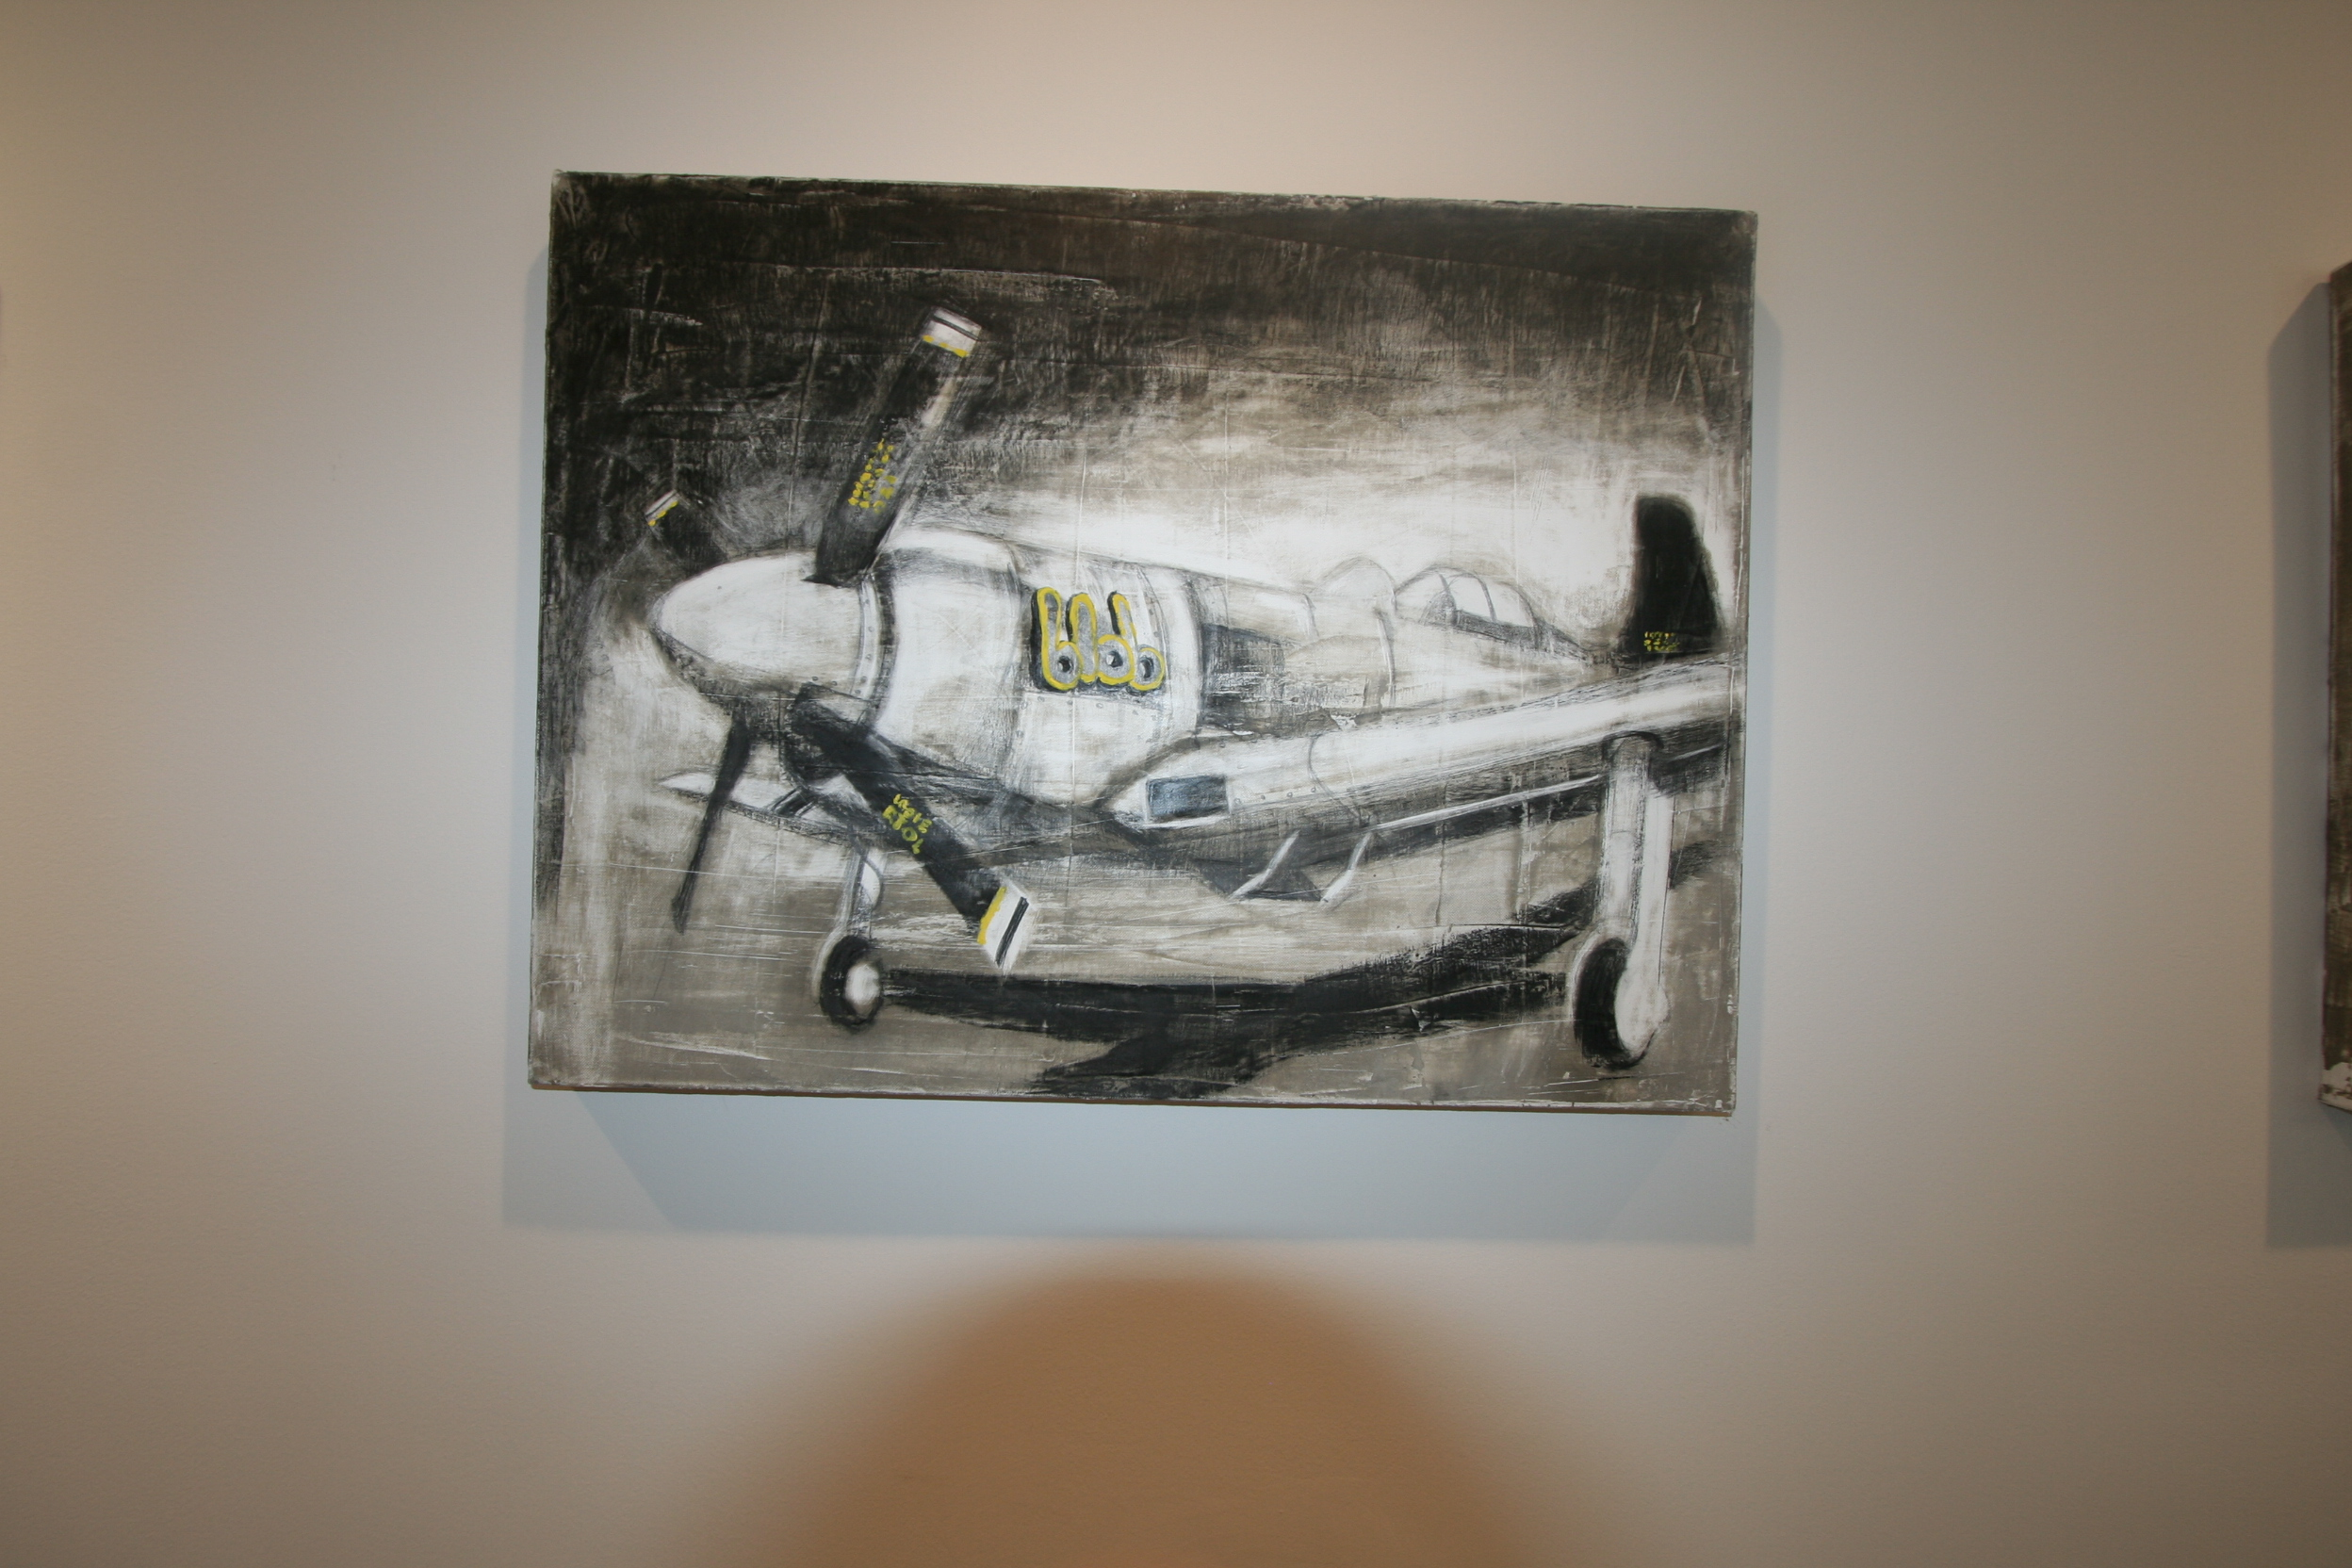 aereo (4)